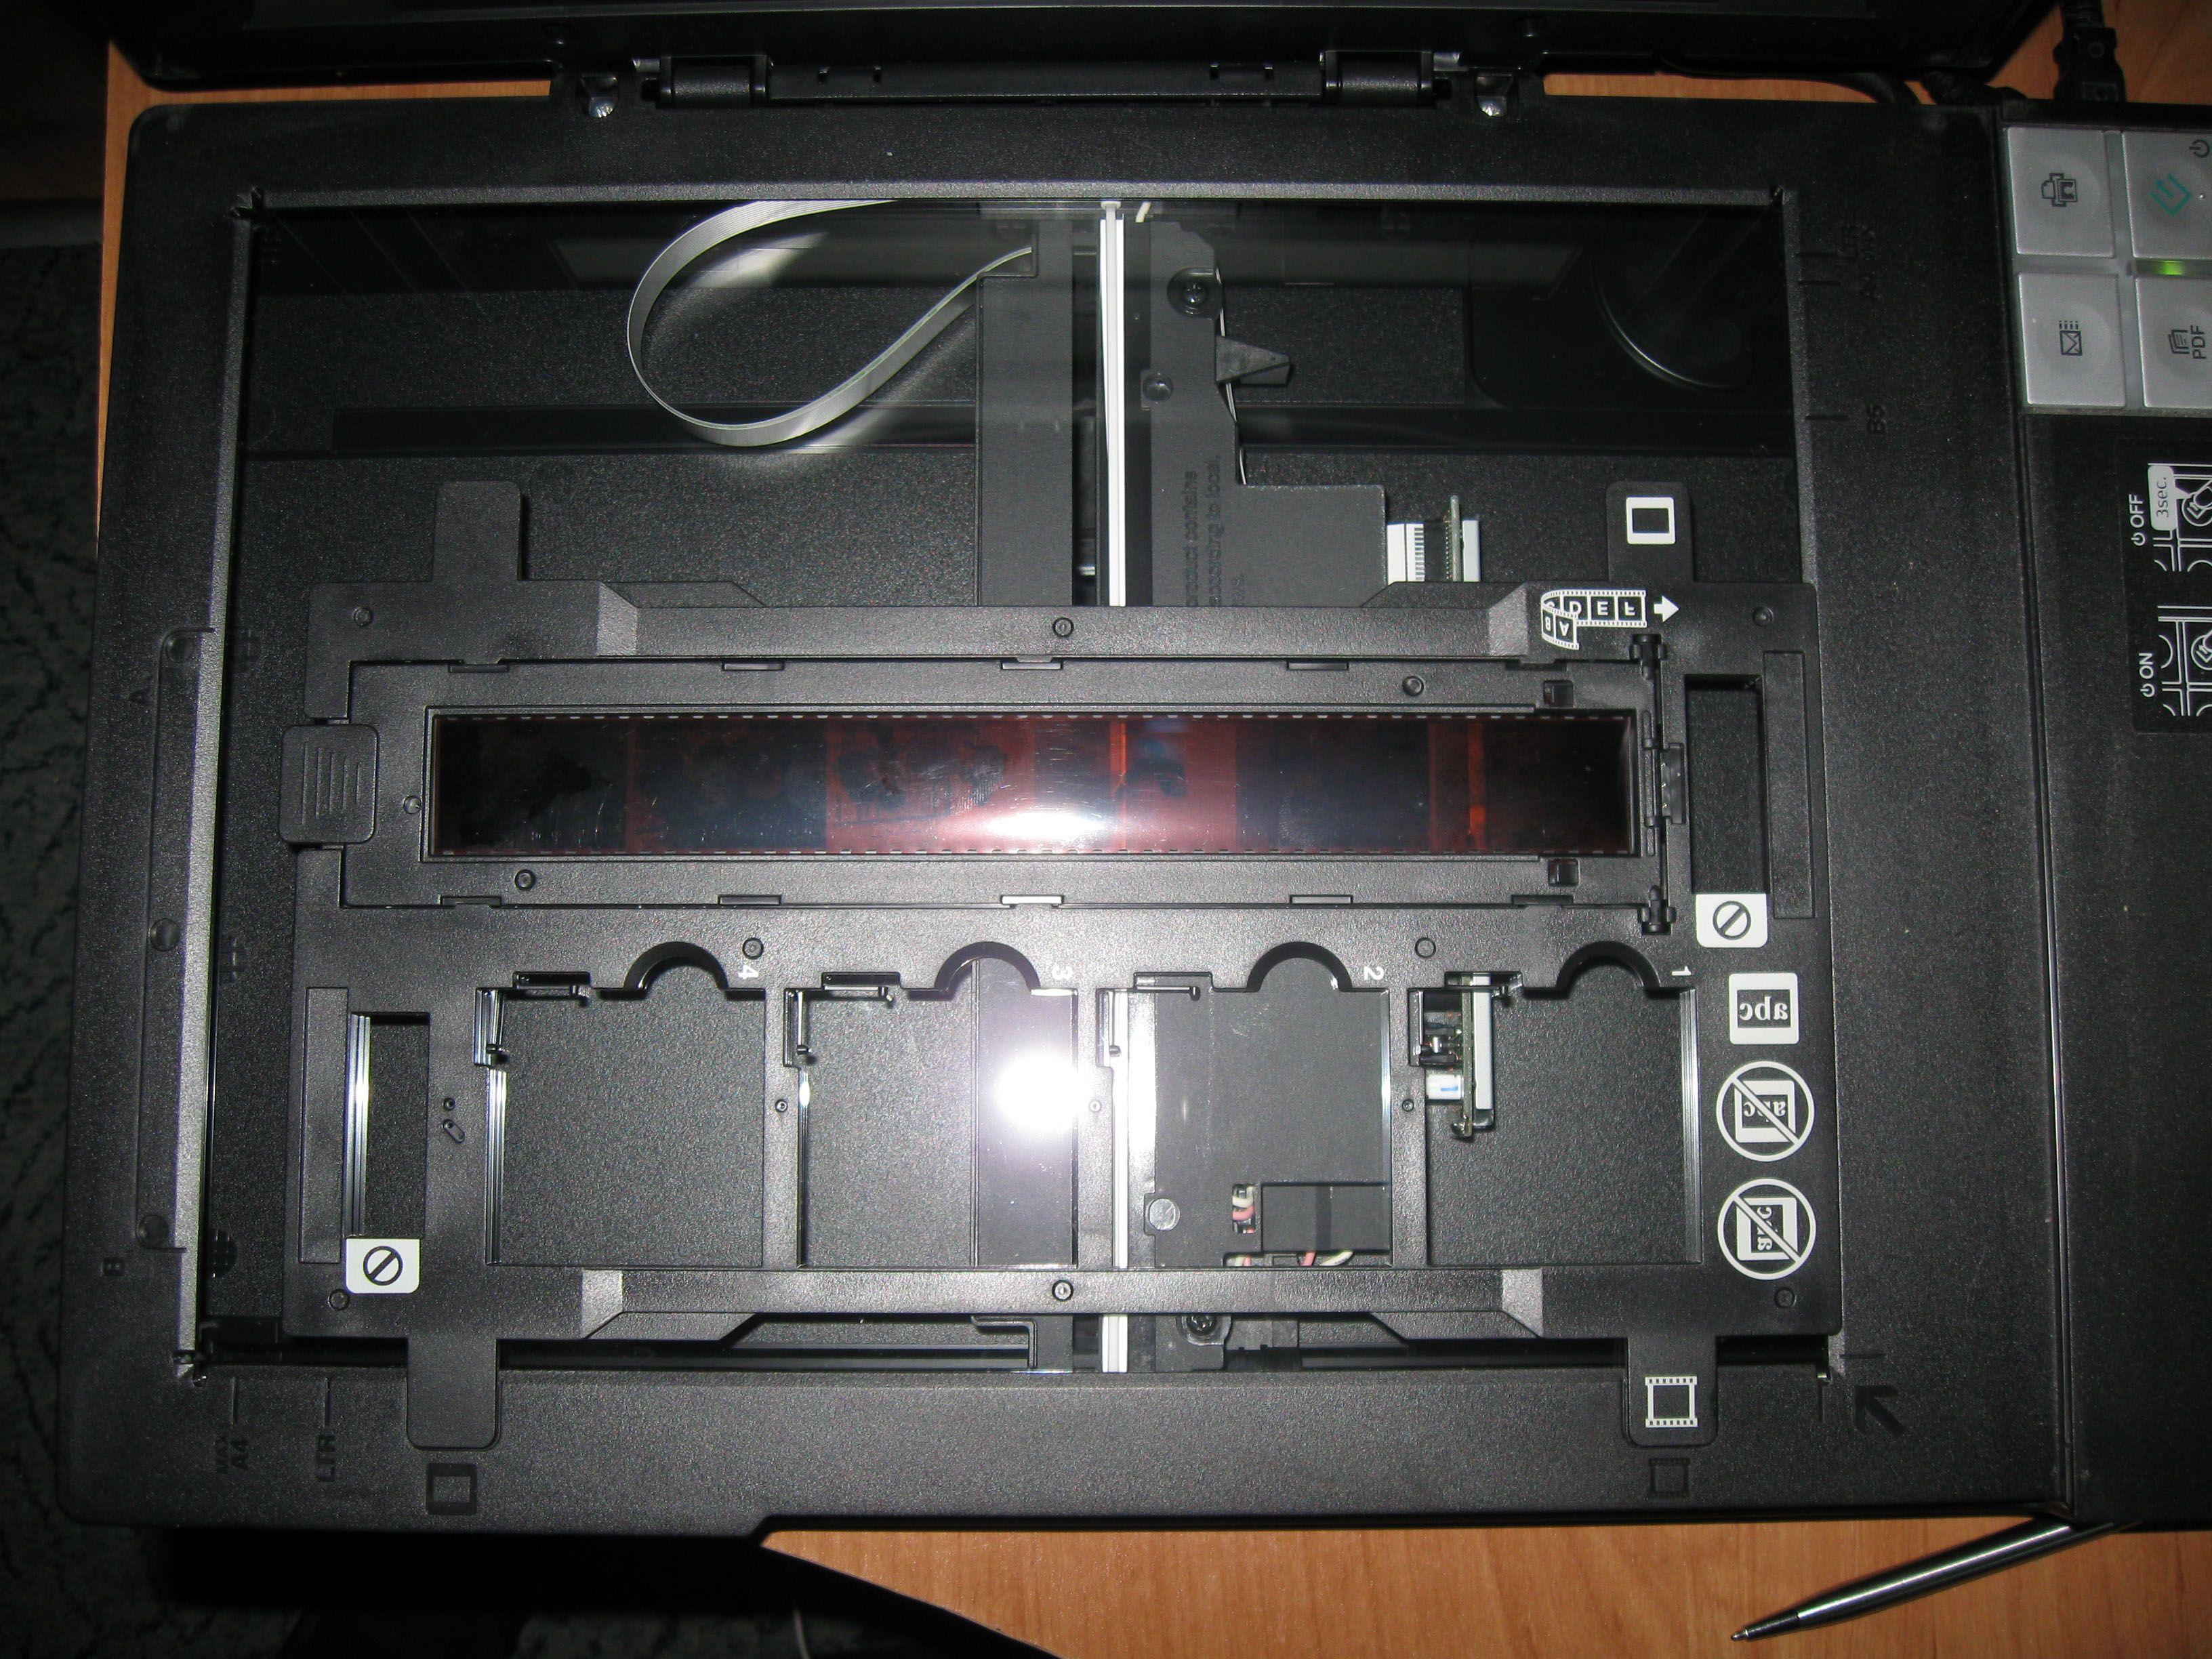 Epson v200 photo драйвер скачать